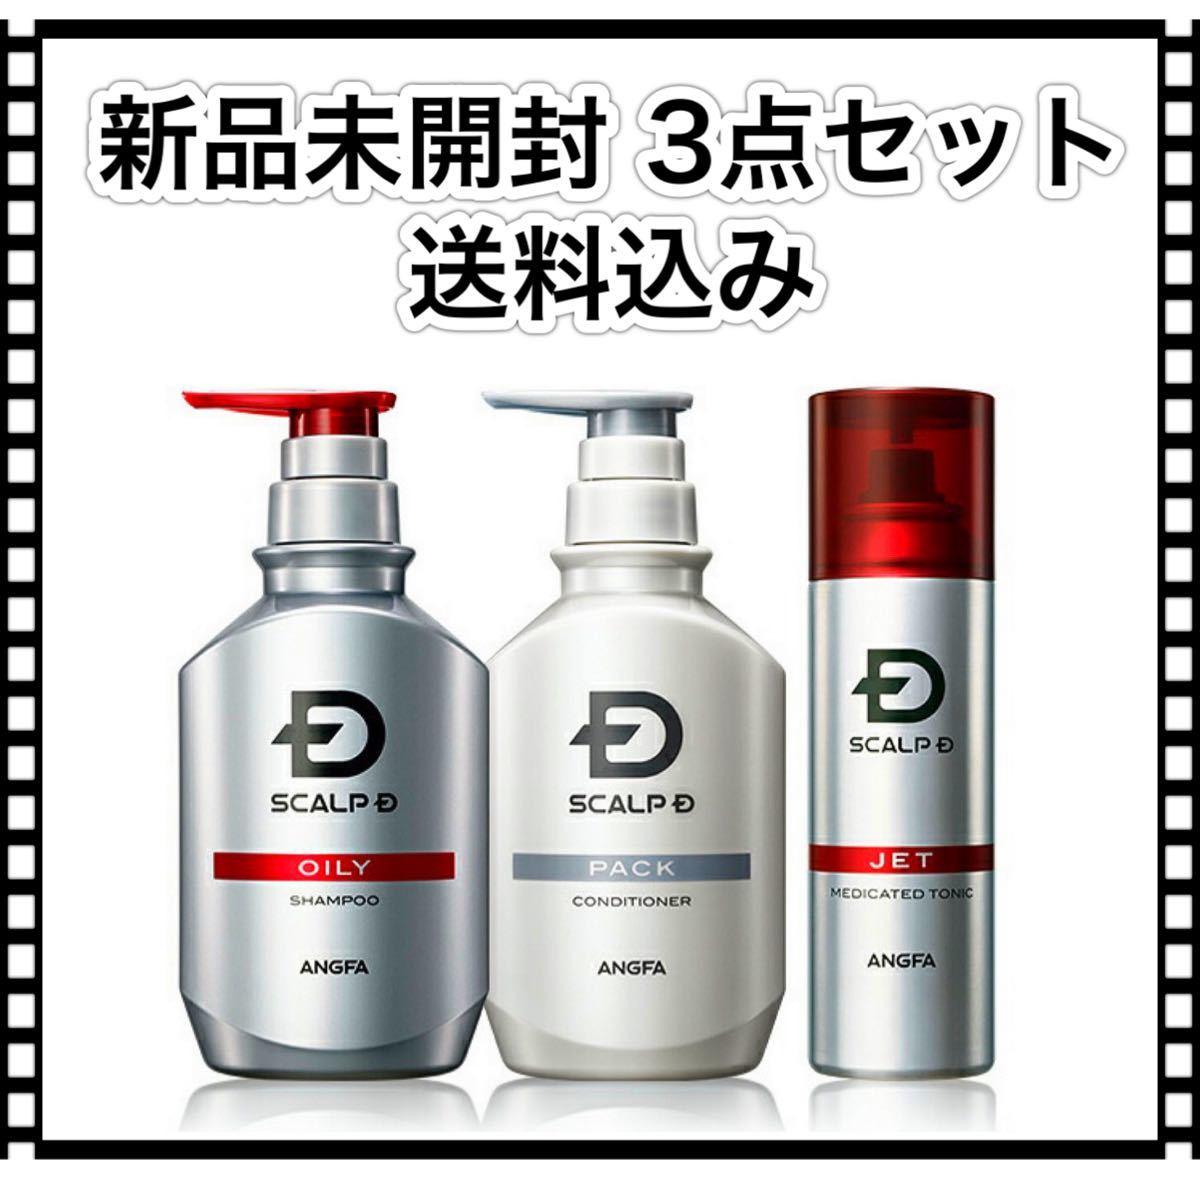 【新品】スカルプD 3点セット シャンプー/パックコンディショナー/トニック